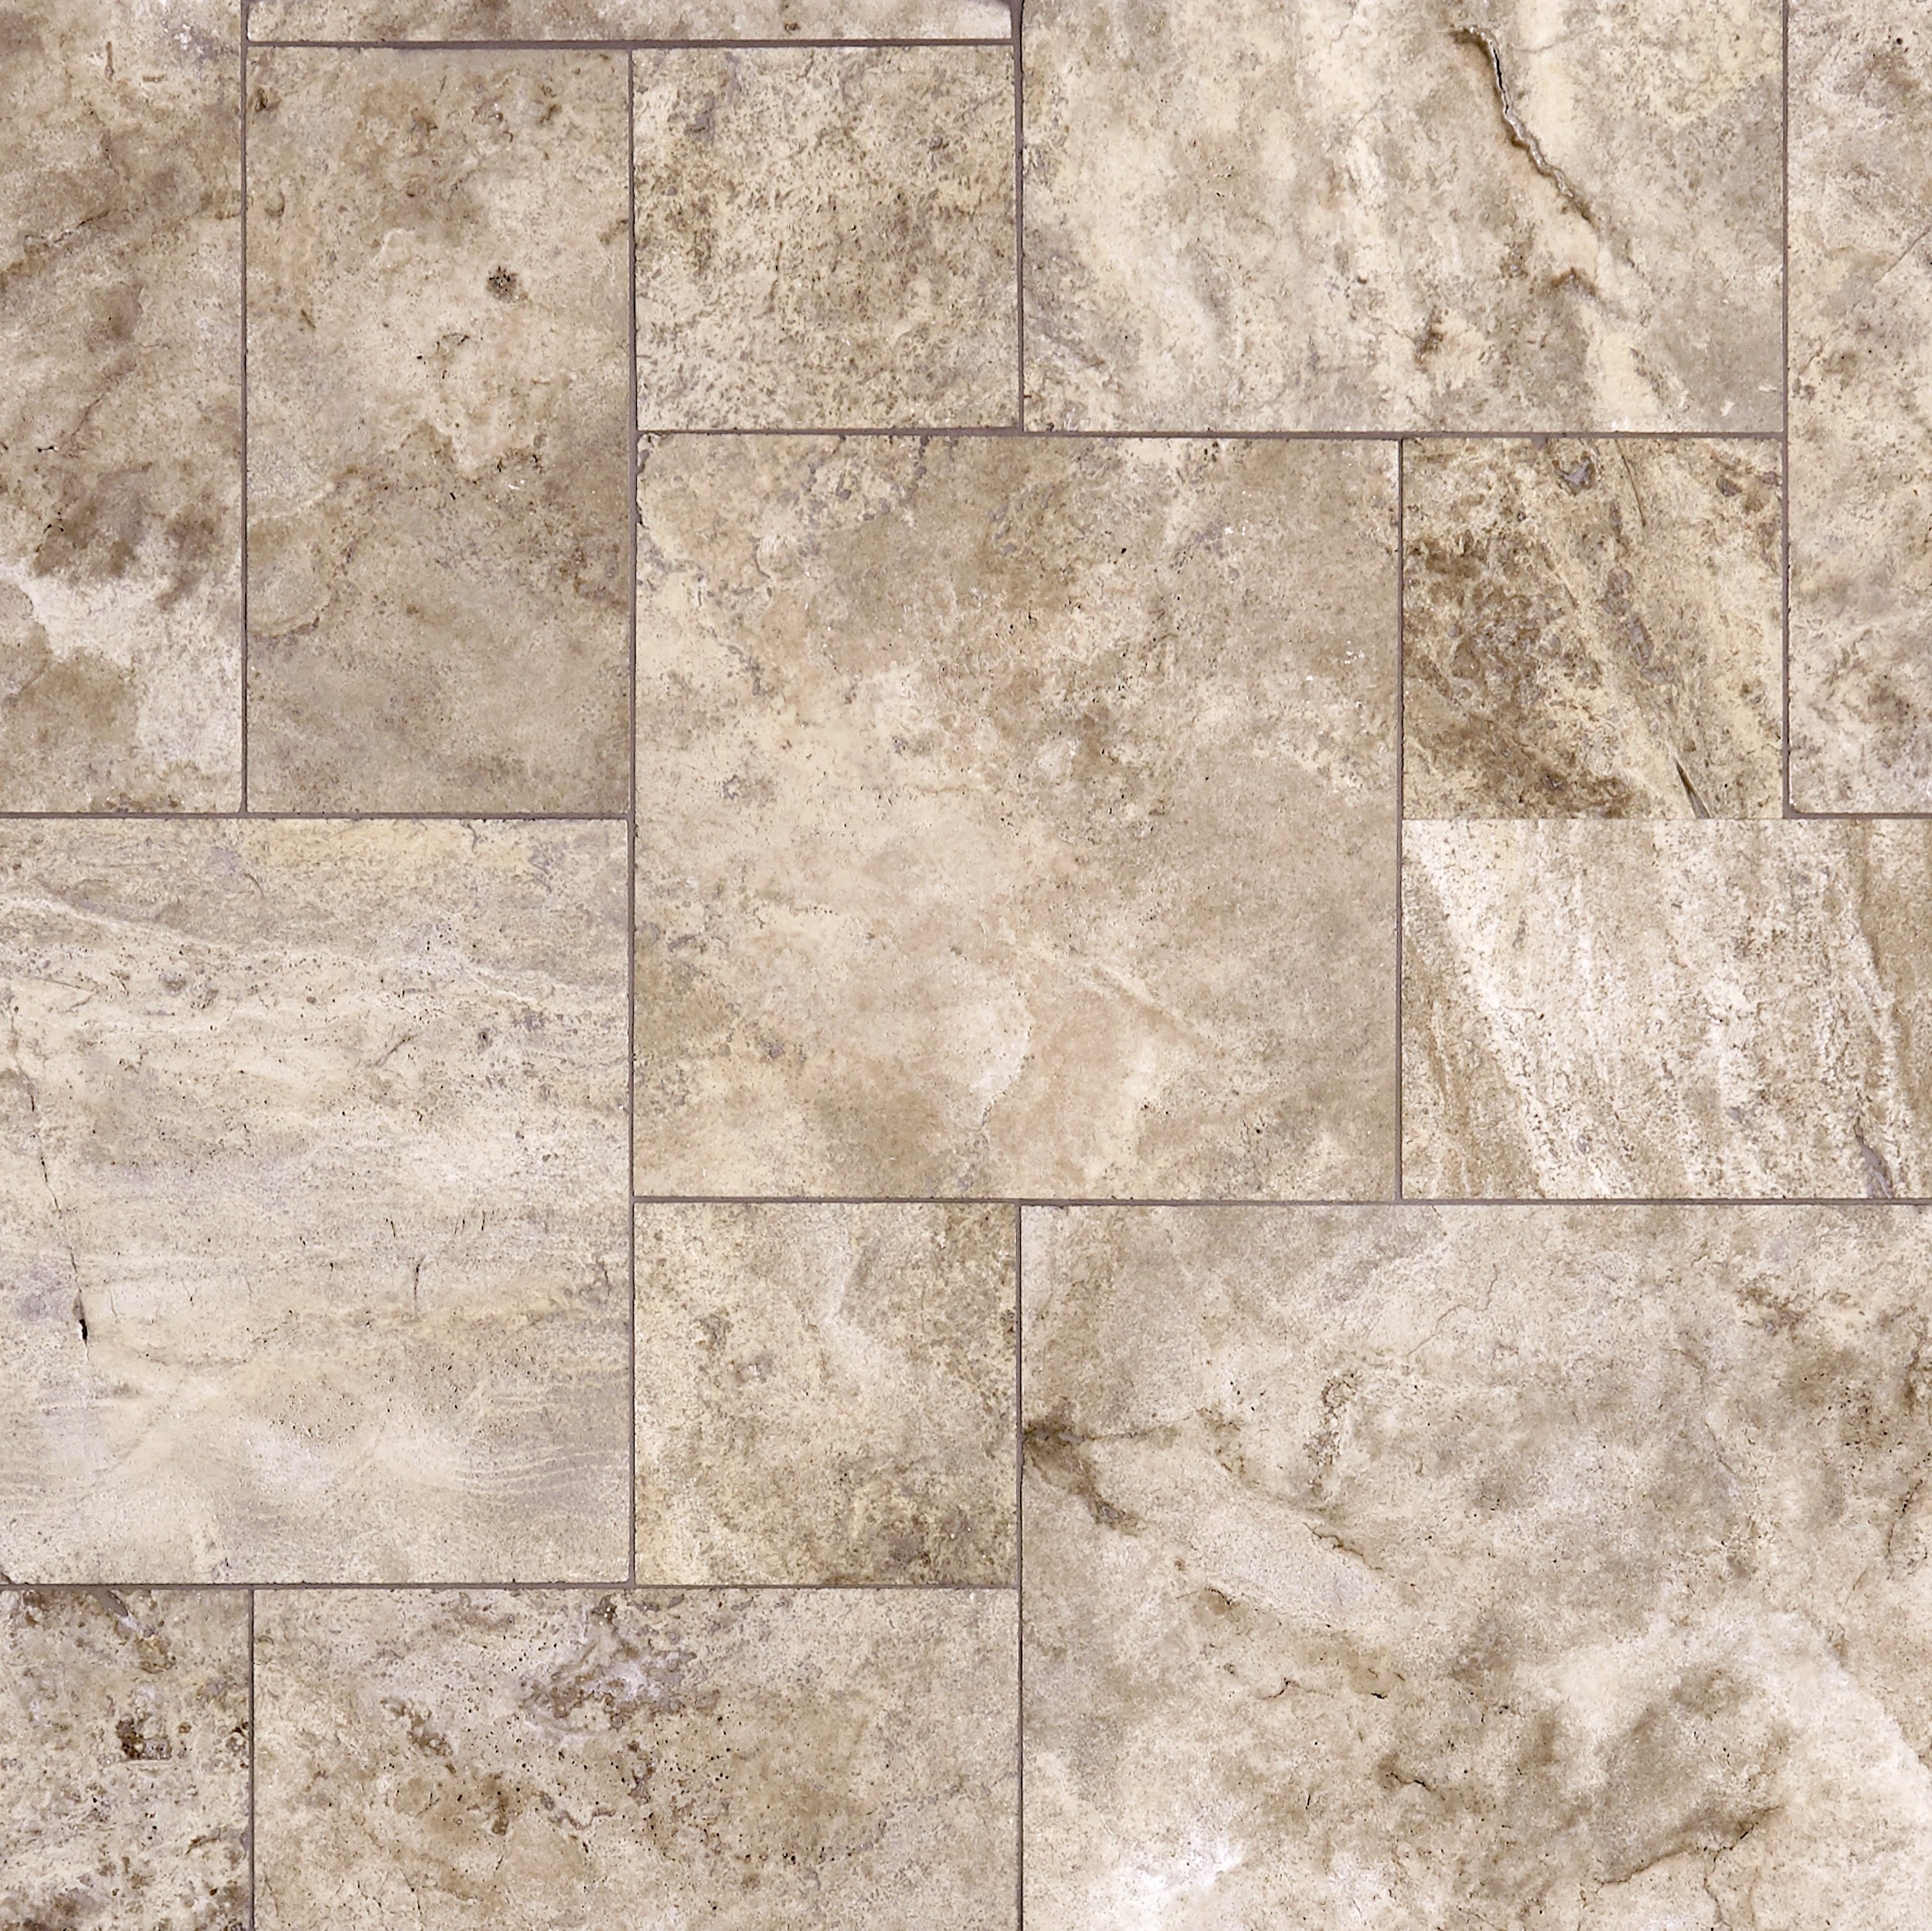 Ivory Light Honed Filled Travertine Tiles 18x18: Travertine Stone Tile